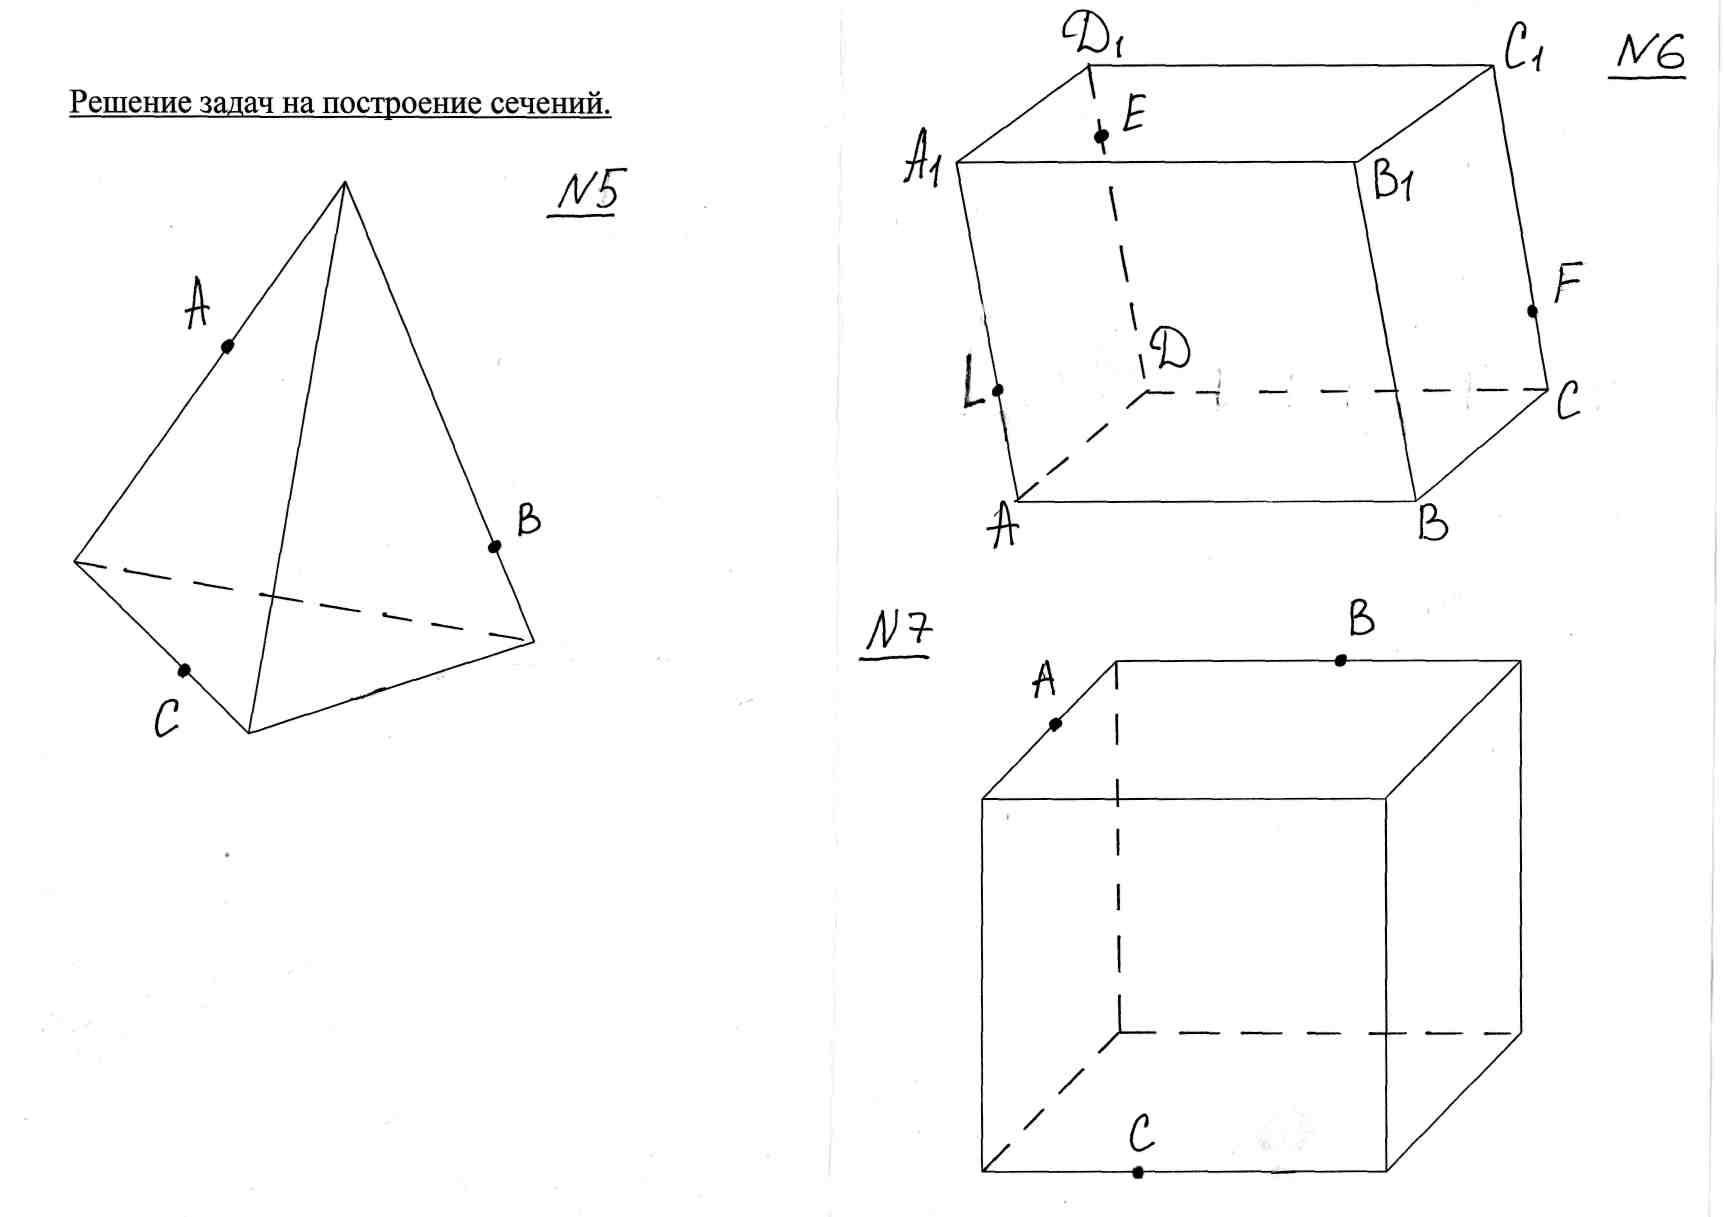 Решения задач на построения сечений многогранников задачи с решением на тему электромагнитная индукция